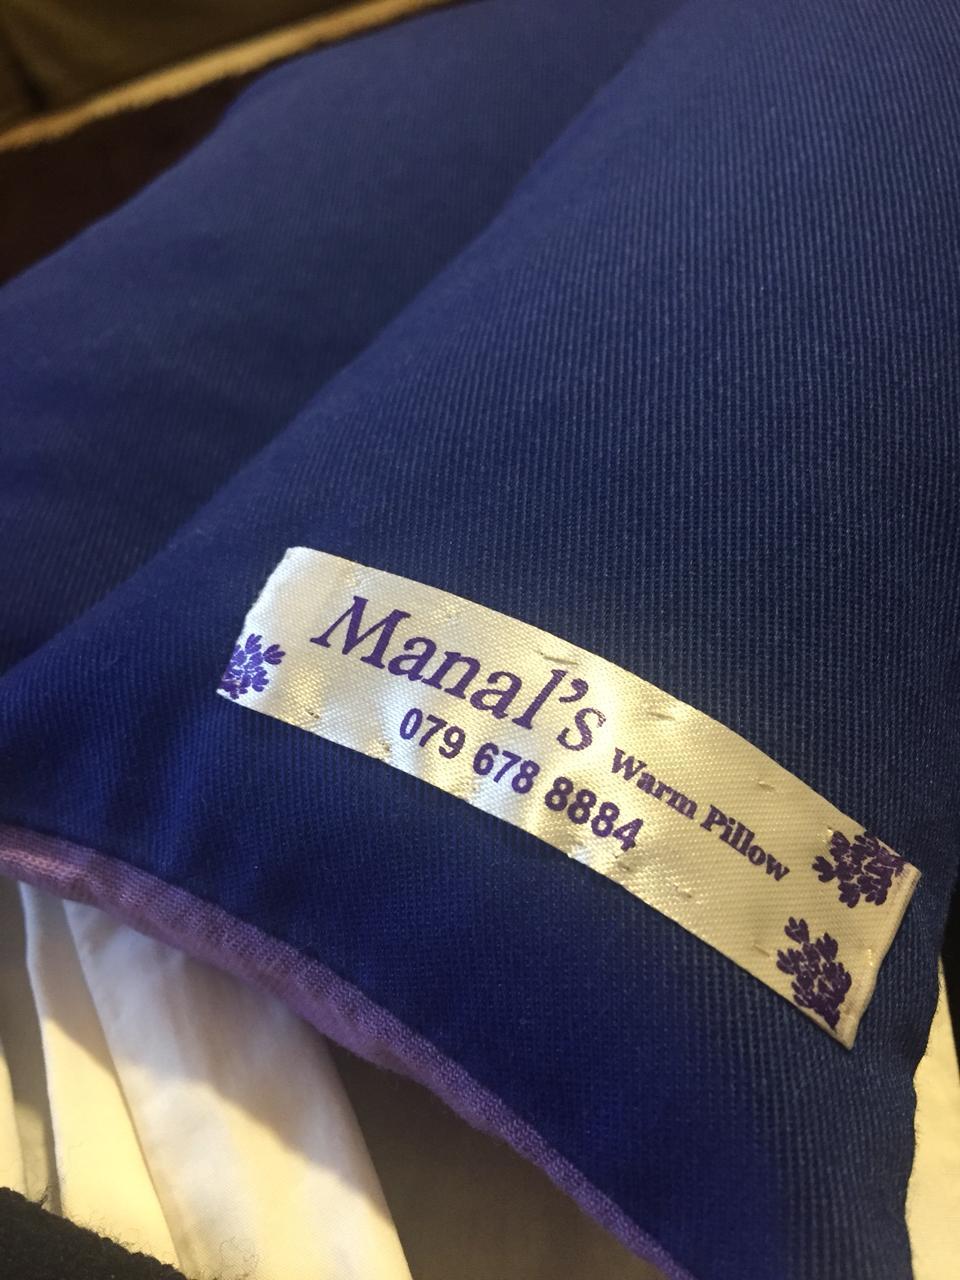 Manal's Warm Pillow